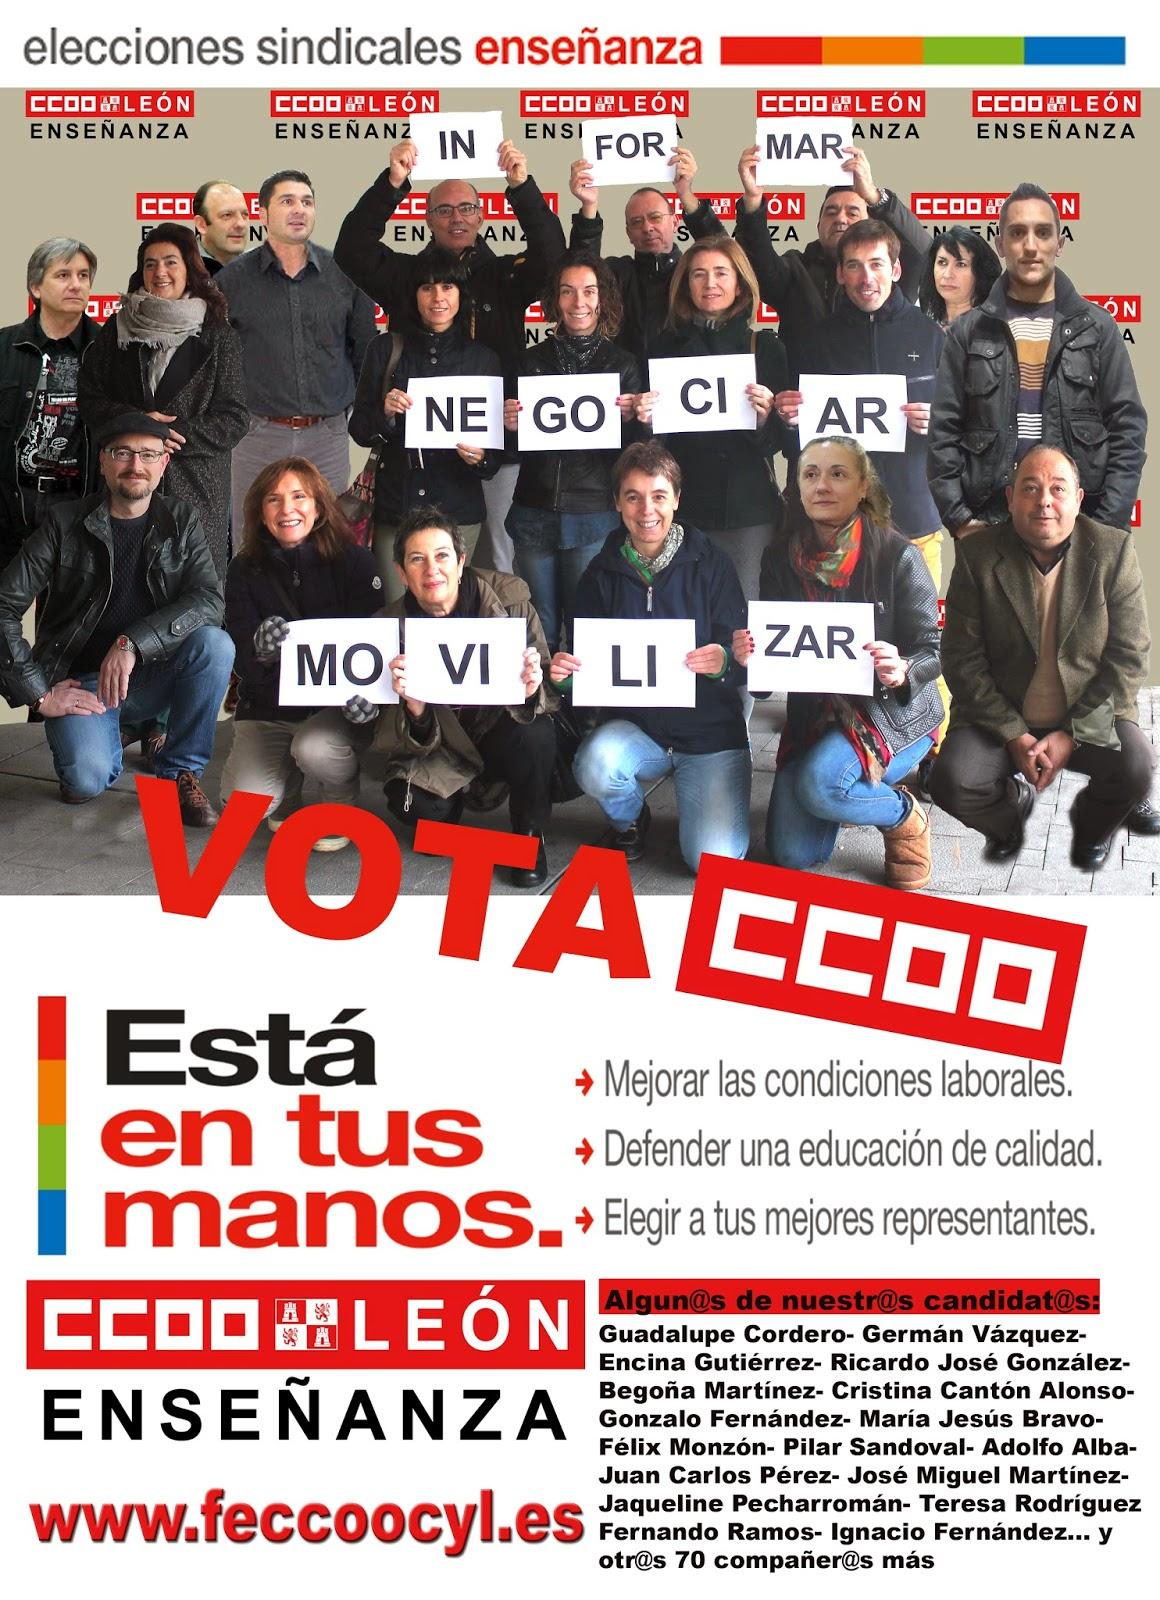 Sindicato de ense anza ccoo le n cartel y video electoral for Ccoo ensenanza exterior